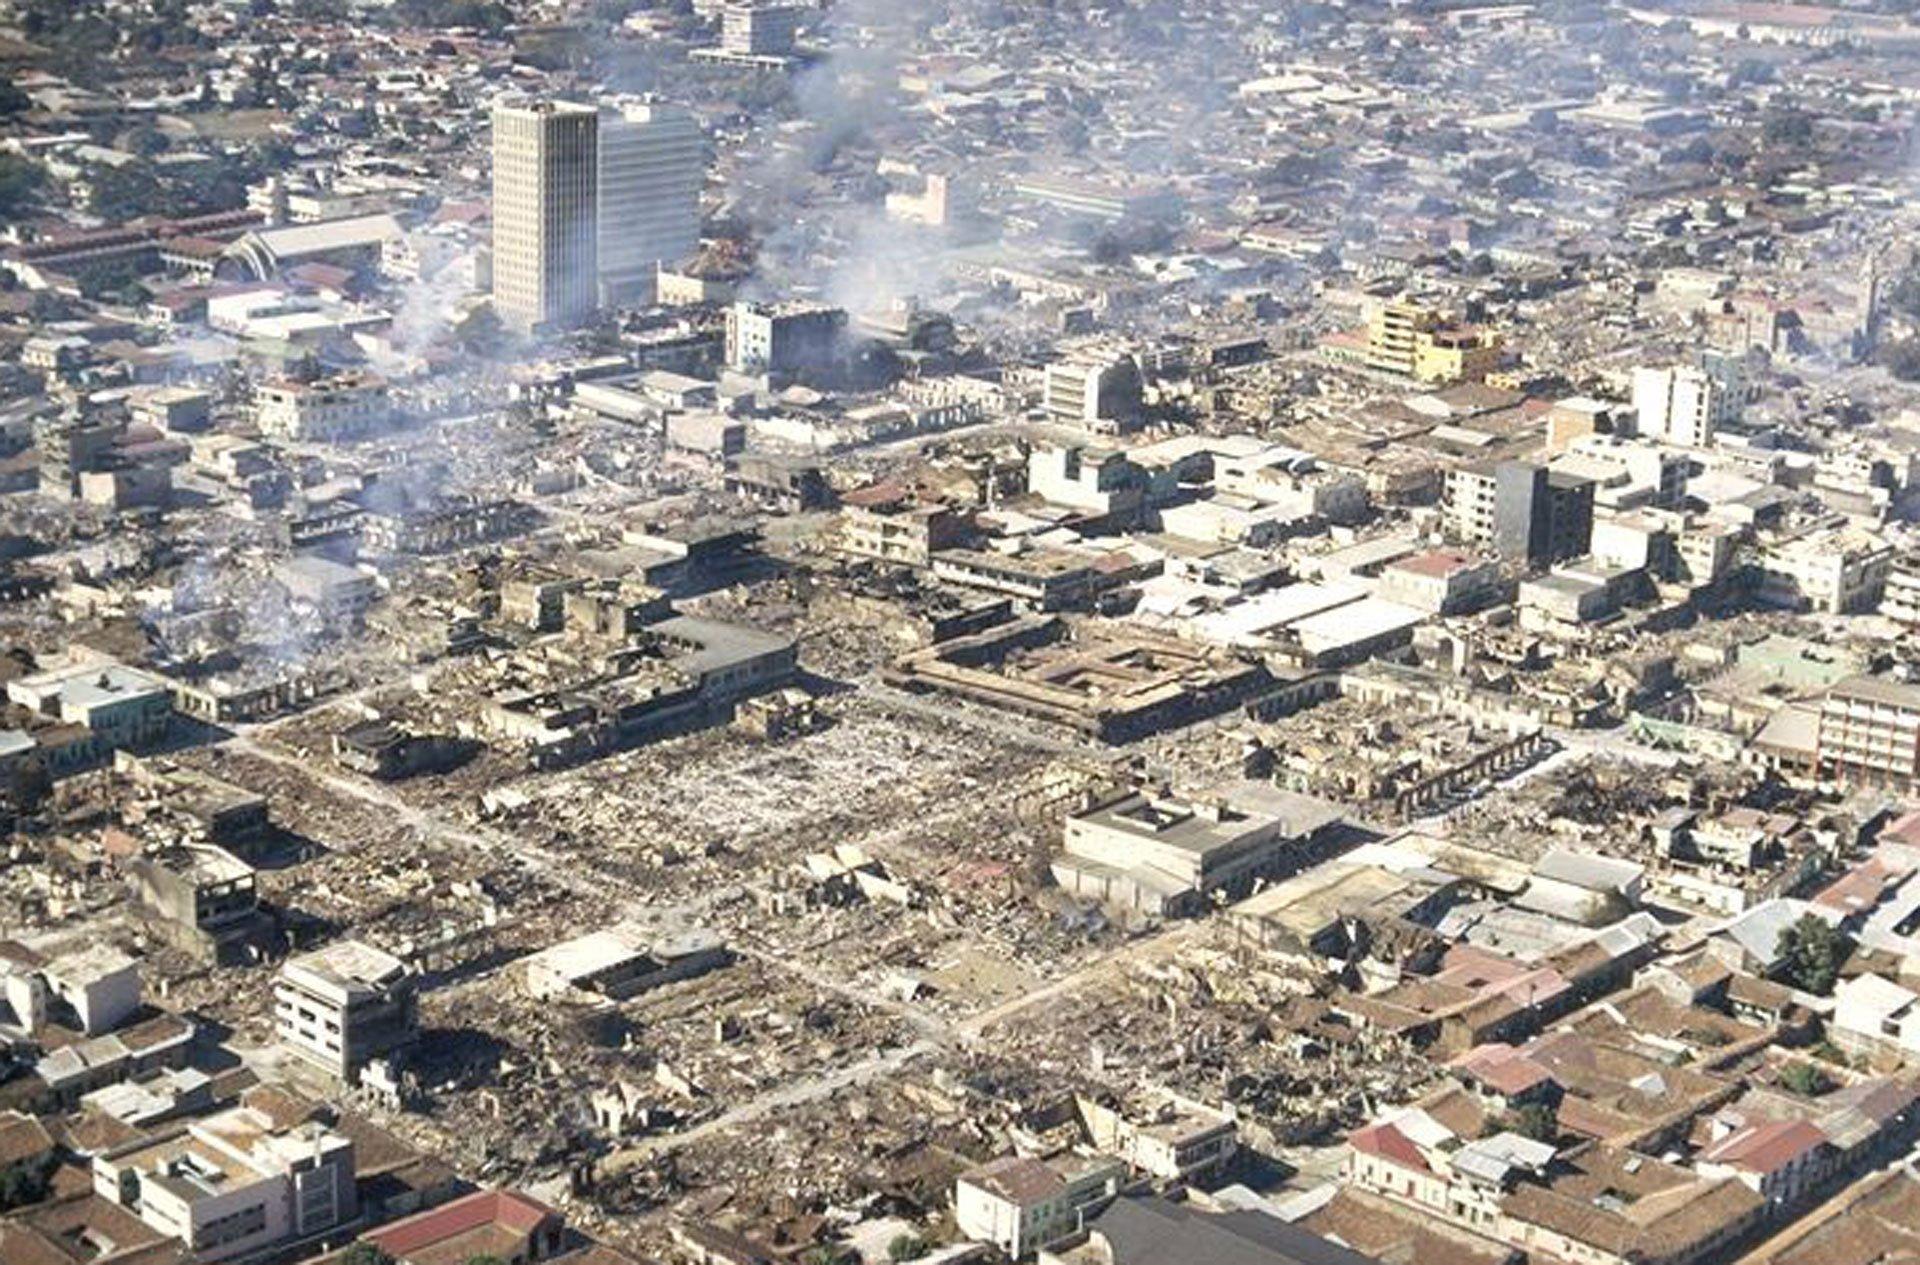 Managua, Nicaragua. 23 de diciembre de 1972.El terremoto (6,2 en la escala de Richter) destruyó gran parte de la capital de Nicaragua y dejó unas 5 mil víctimas fatales. Los edificios destruidos aún pueden verse en el centro de Managua